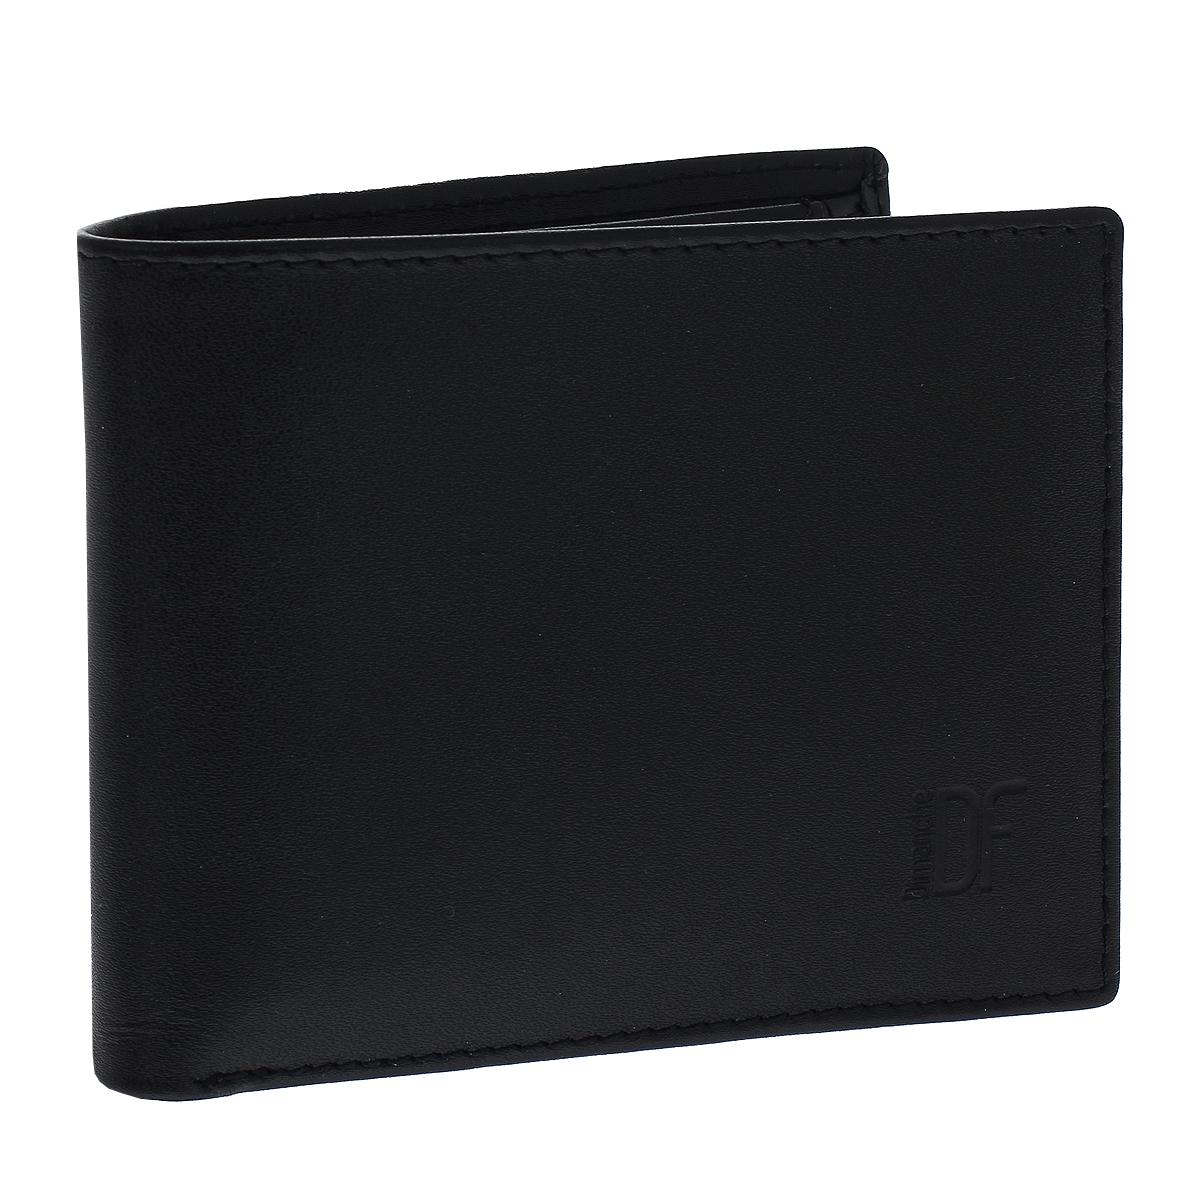 Портмоне мужское Dimanche Bond, цвет: черный. 965965Портмоне Dimanche Bond изготовлено из натуральной кожи черного цвета. Внутри содержится 2 отделения для купюр, 5 карманов для кредитных карт, 2 потайных кармашка для мелких бумаг, кармашек для сим-карты и объемный карман для мелочи, который закрывается клапаном на кнопку. Внутри кошелек отделан атласным полиэстером черного цвета с узором. Стильное портмоне отлично дополнит ваш образ и станет незаменимым аксессуаром на каждый день. Упаковано в фирменную картонную коробку коричневого цвета.